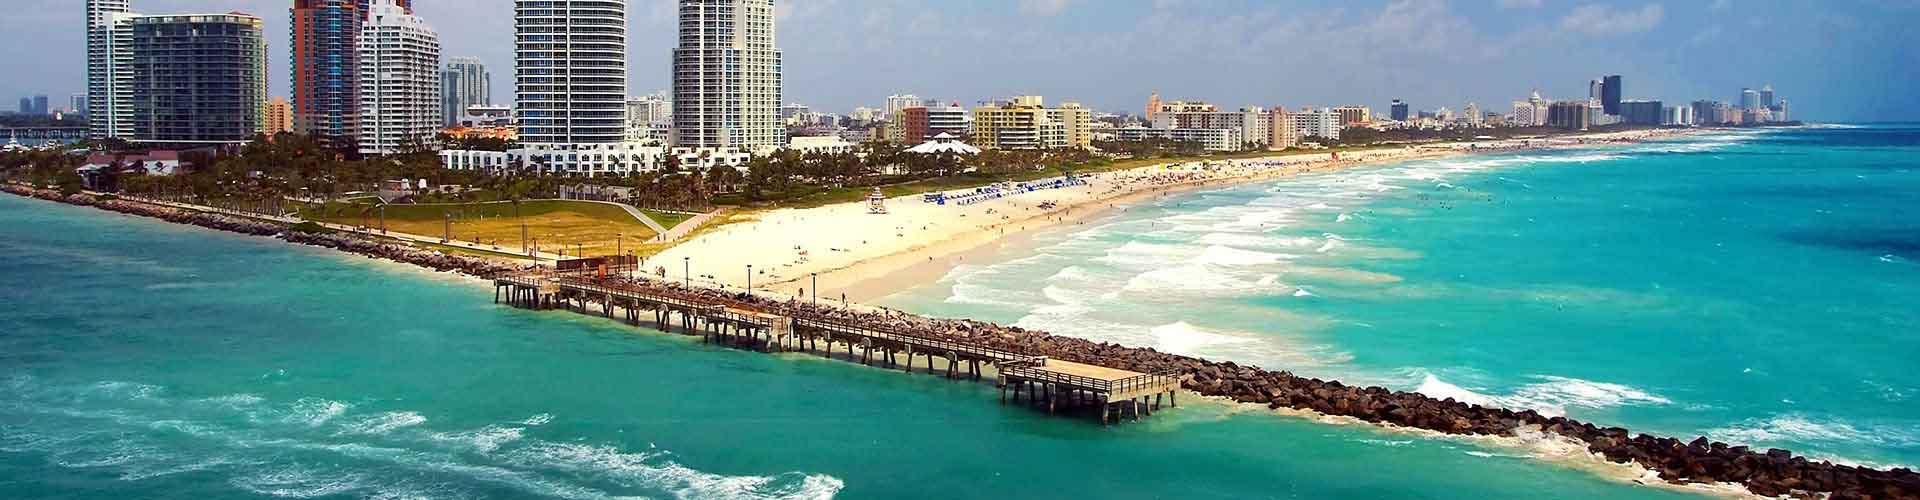 Miami - Albergues Juveniles en Miami. Mapas de Miami, Fotos y Comentarios para cada Albergue Juvenil en Miami.